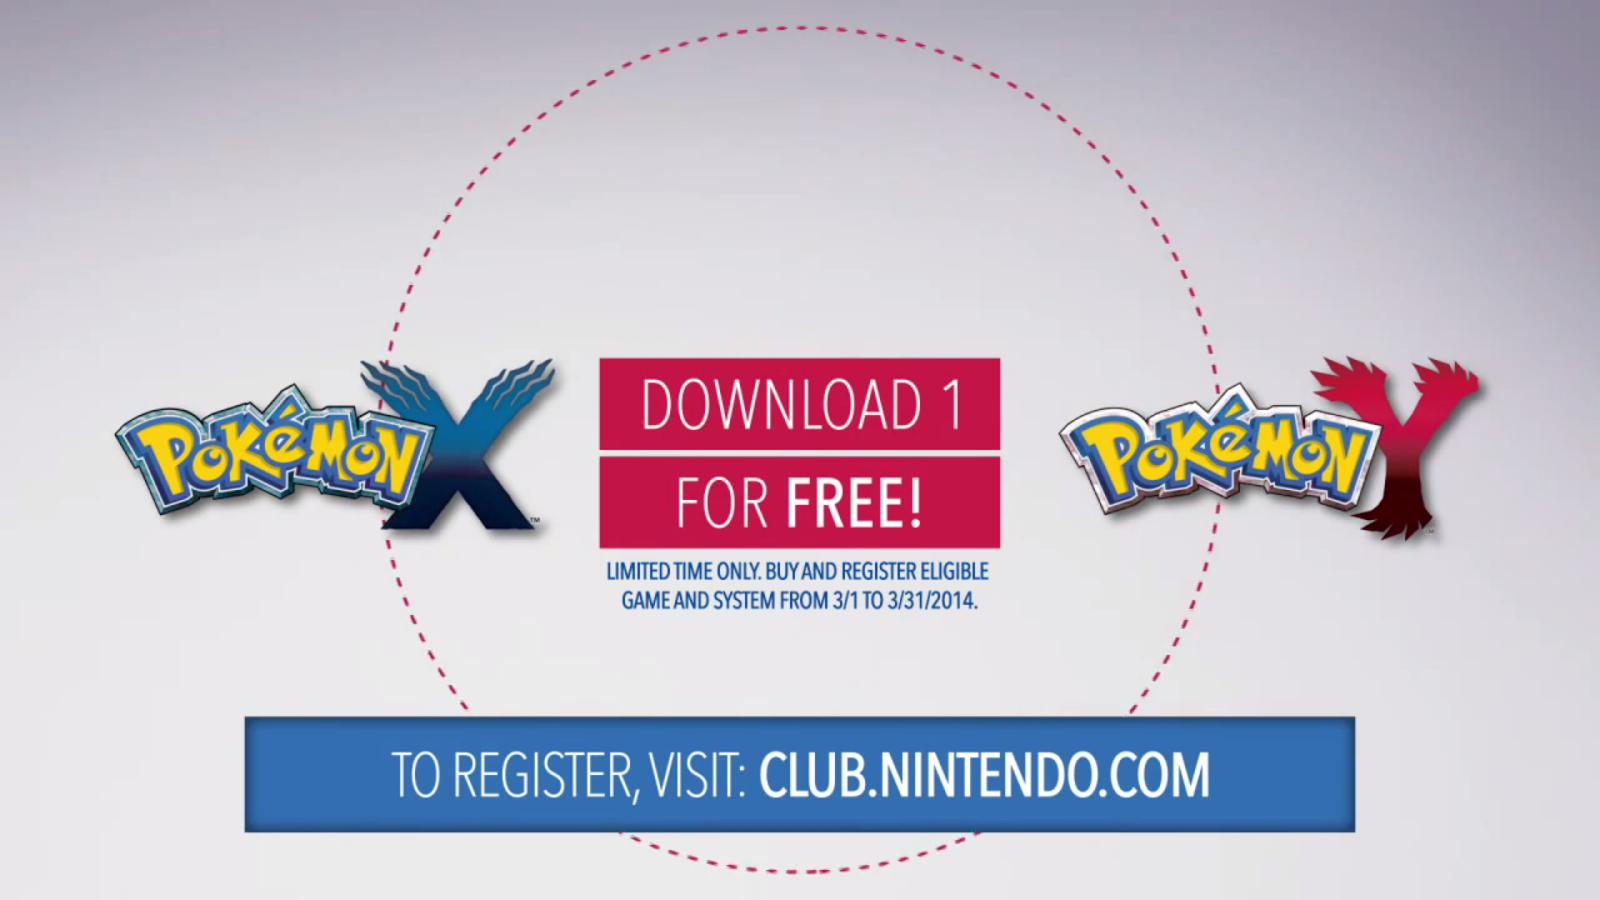 Promoción: Consigue una copia GRATIS de Pokémon X/Y en EE.UU.